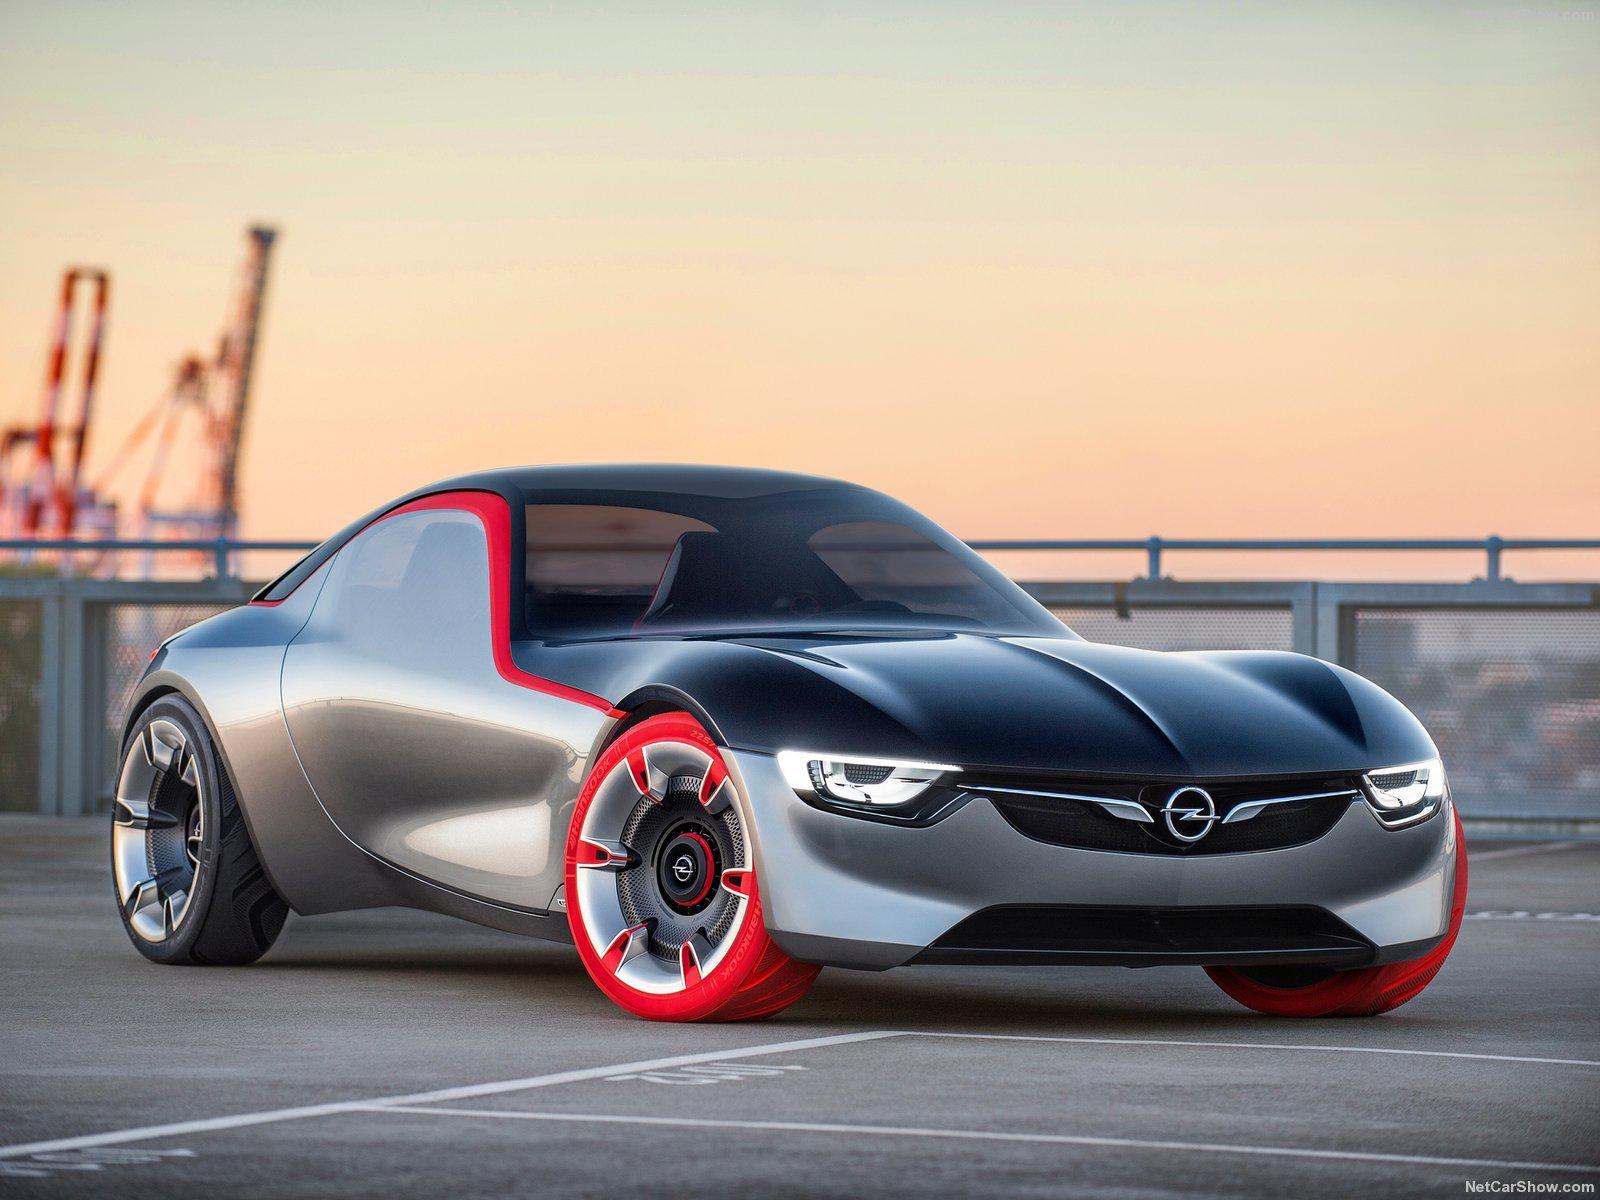 2016年日内瓦车展上亮相的欧宝GT概念车